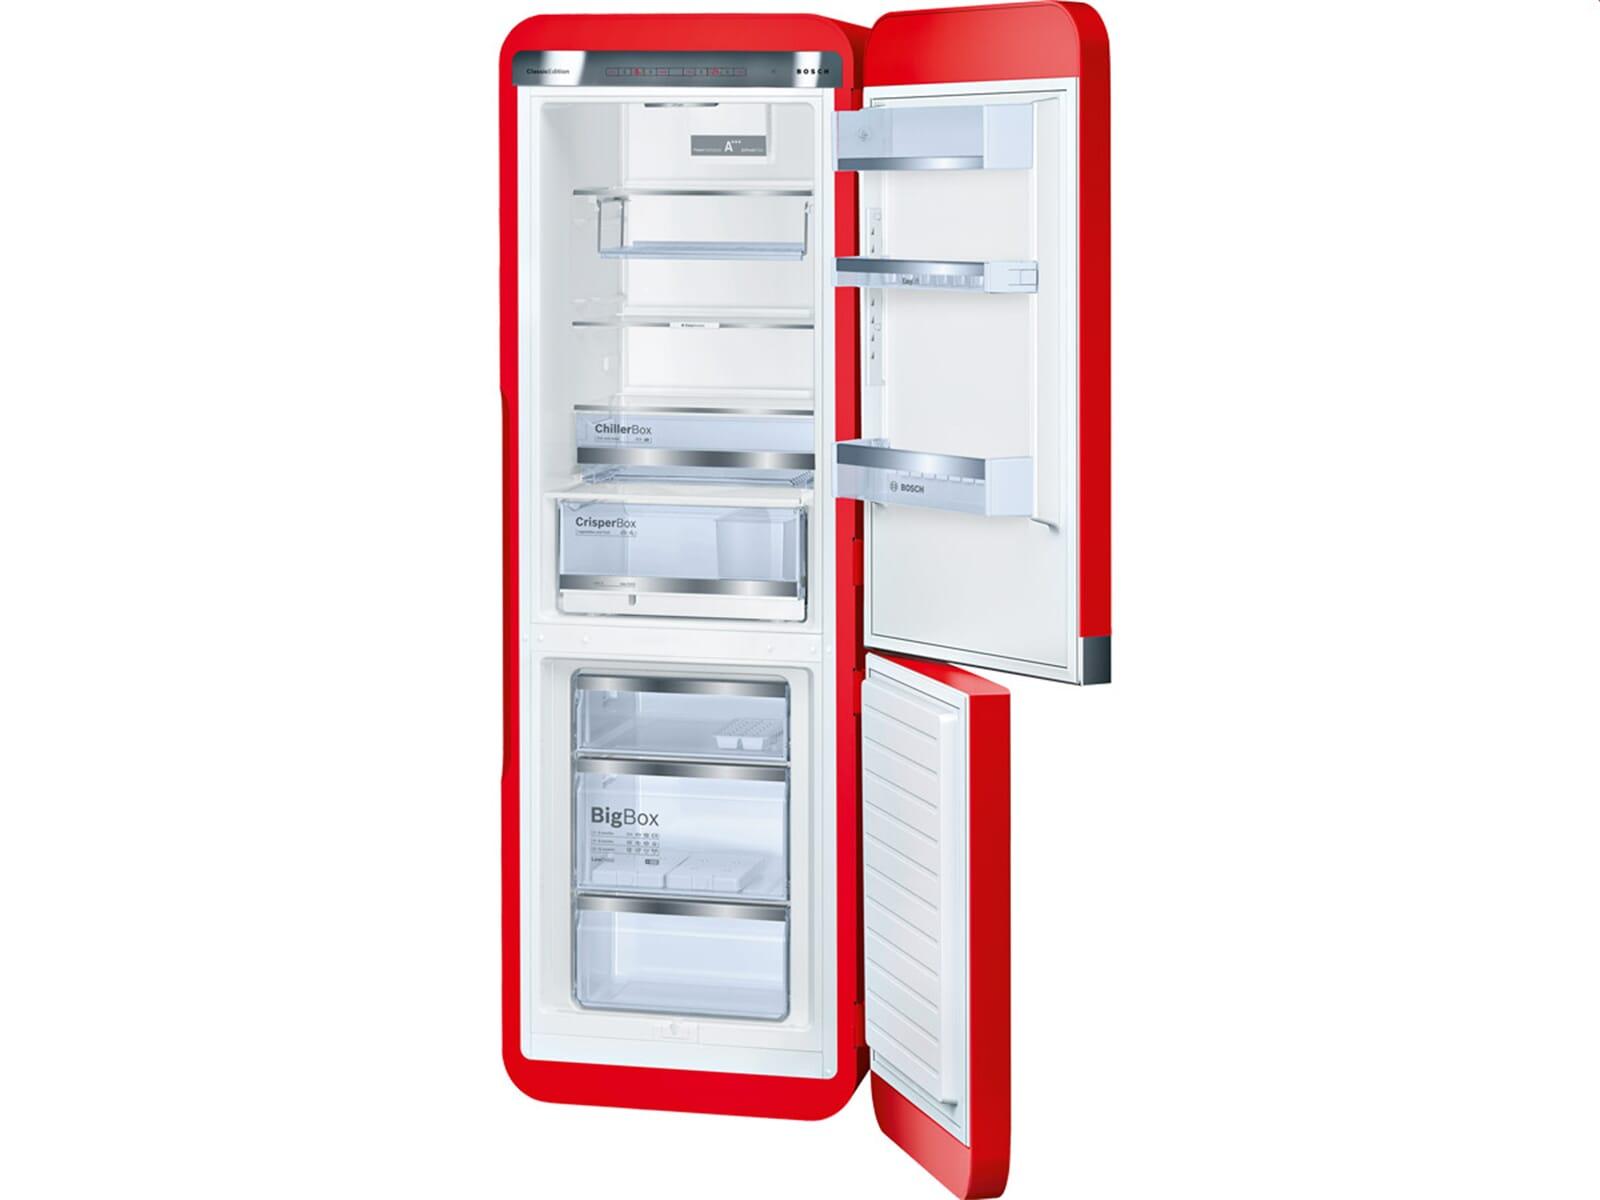 Bosch kuhlschrank retro retro bosch mase k hlschrank for Amerikanischer kühlschrank